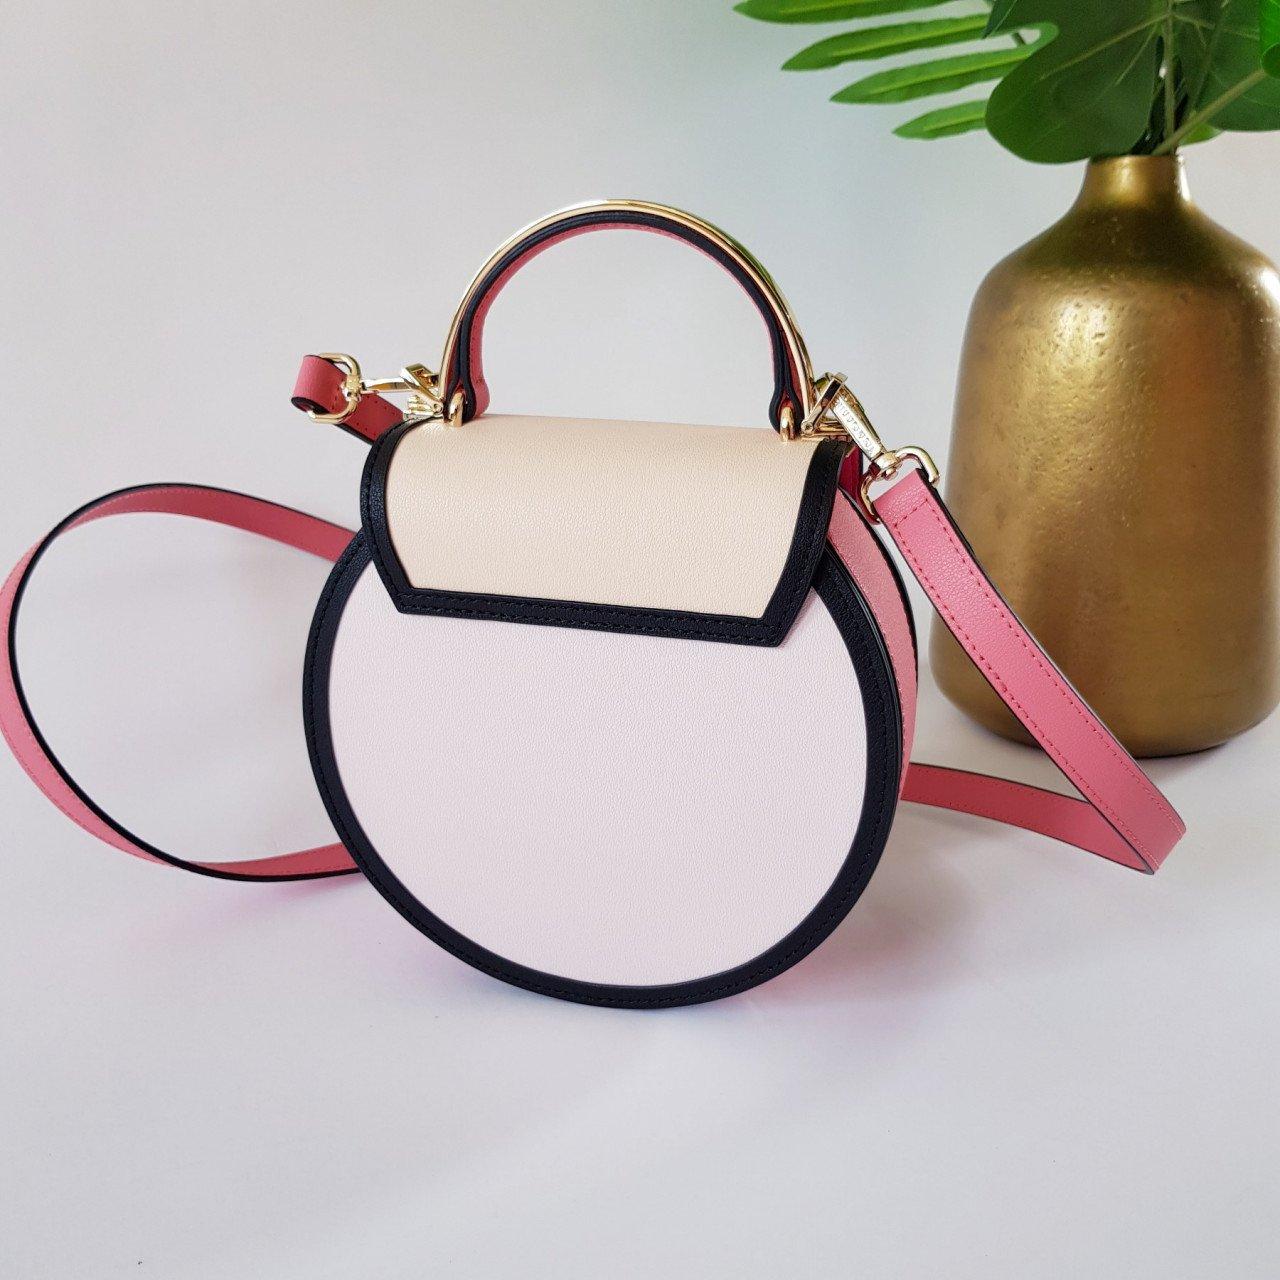 Женская кожаная сумка Cromia 1404848 CIPRIA из натуральной кожи